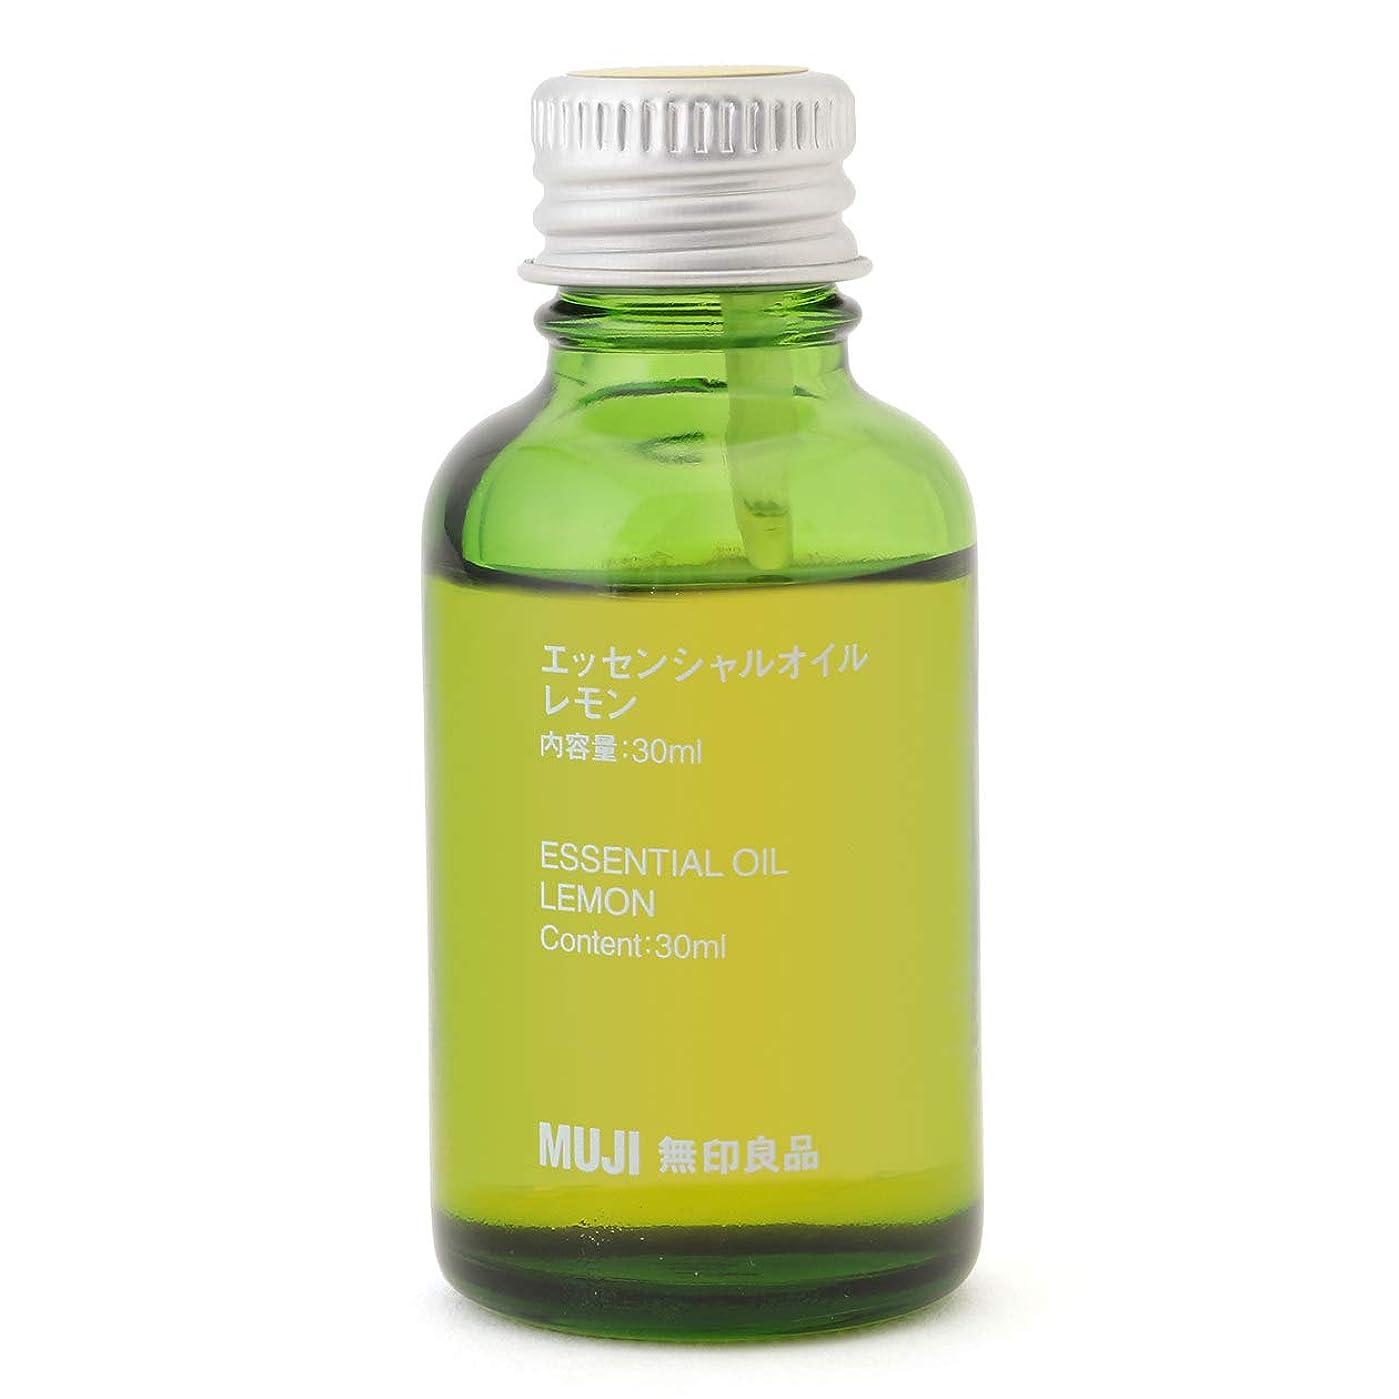 雪舗装全く【無印良品】エッセンシャルオイル30ml(レモン)